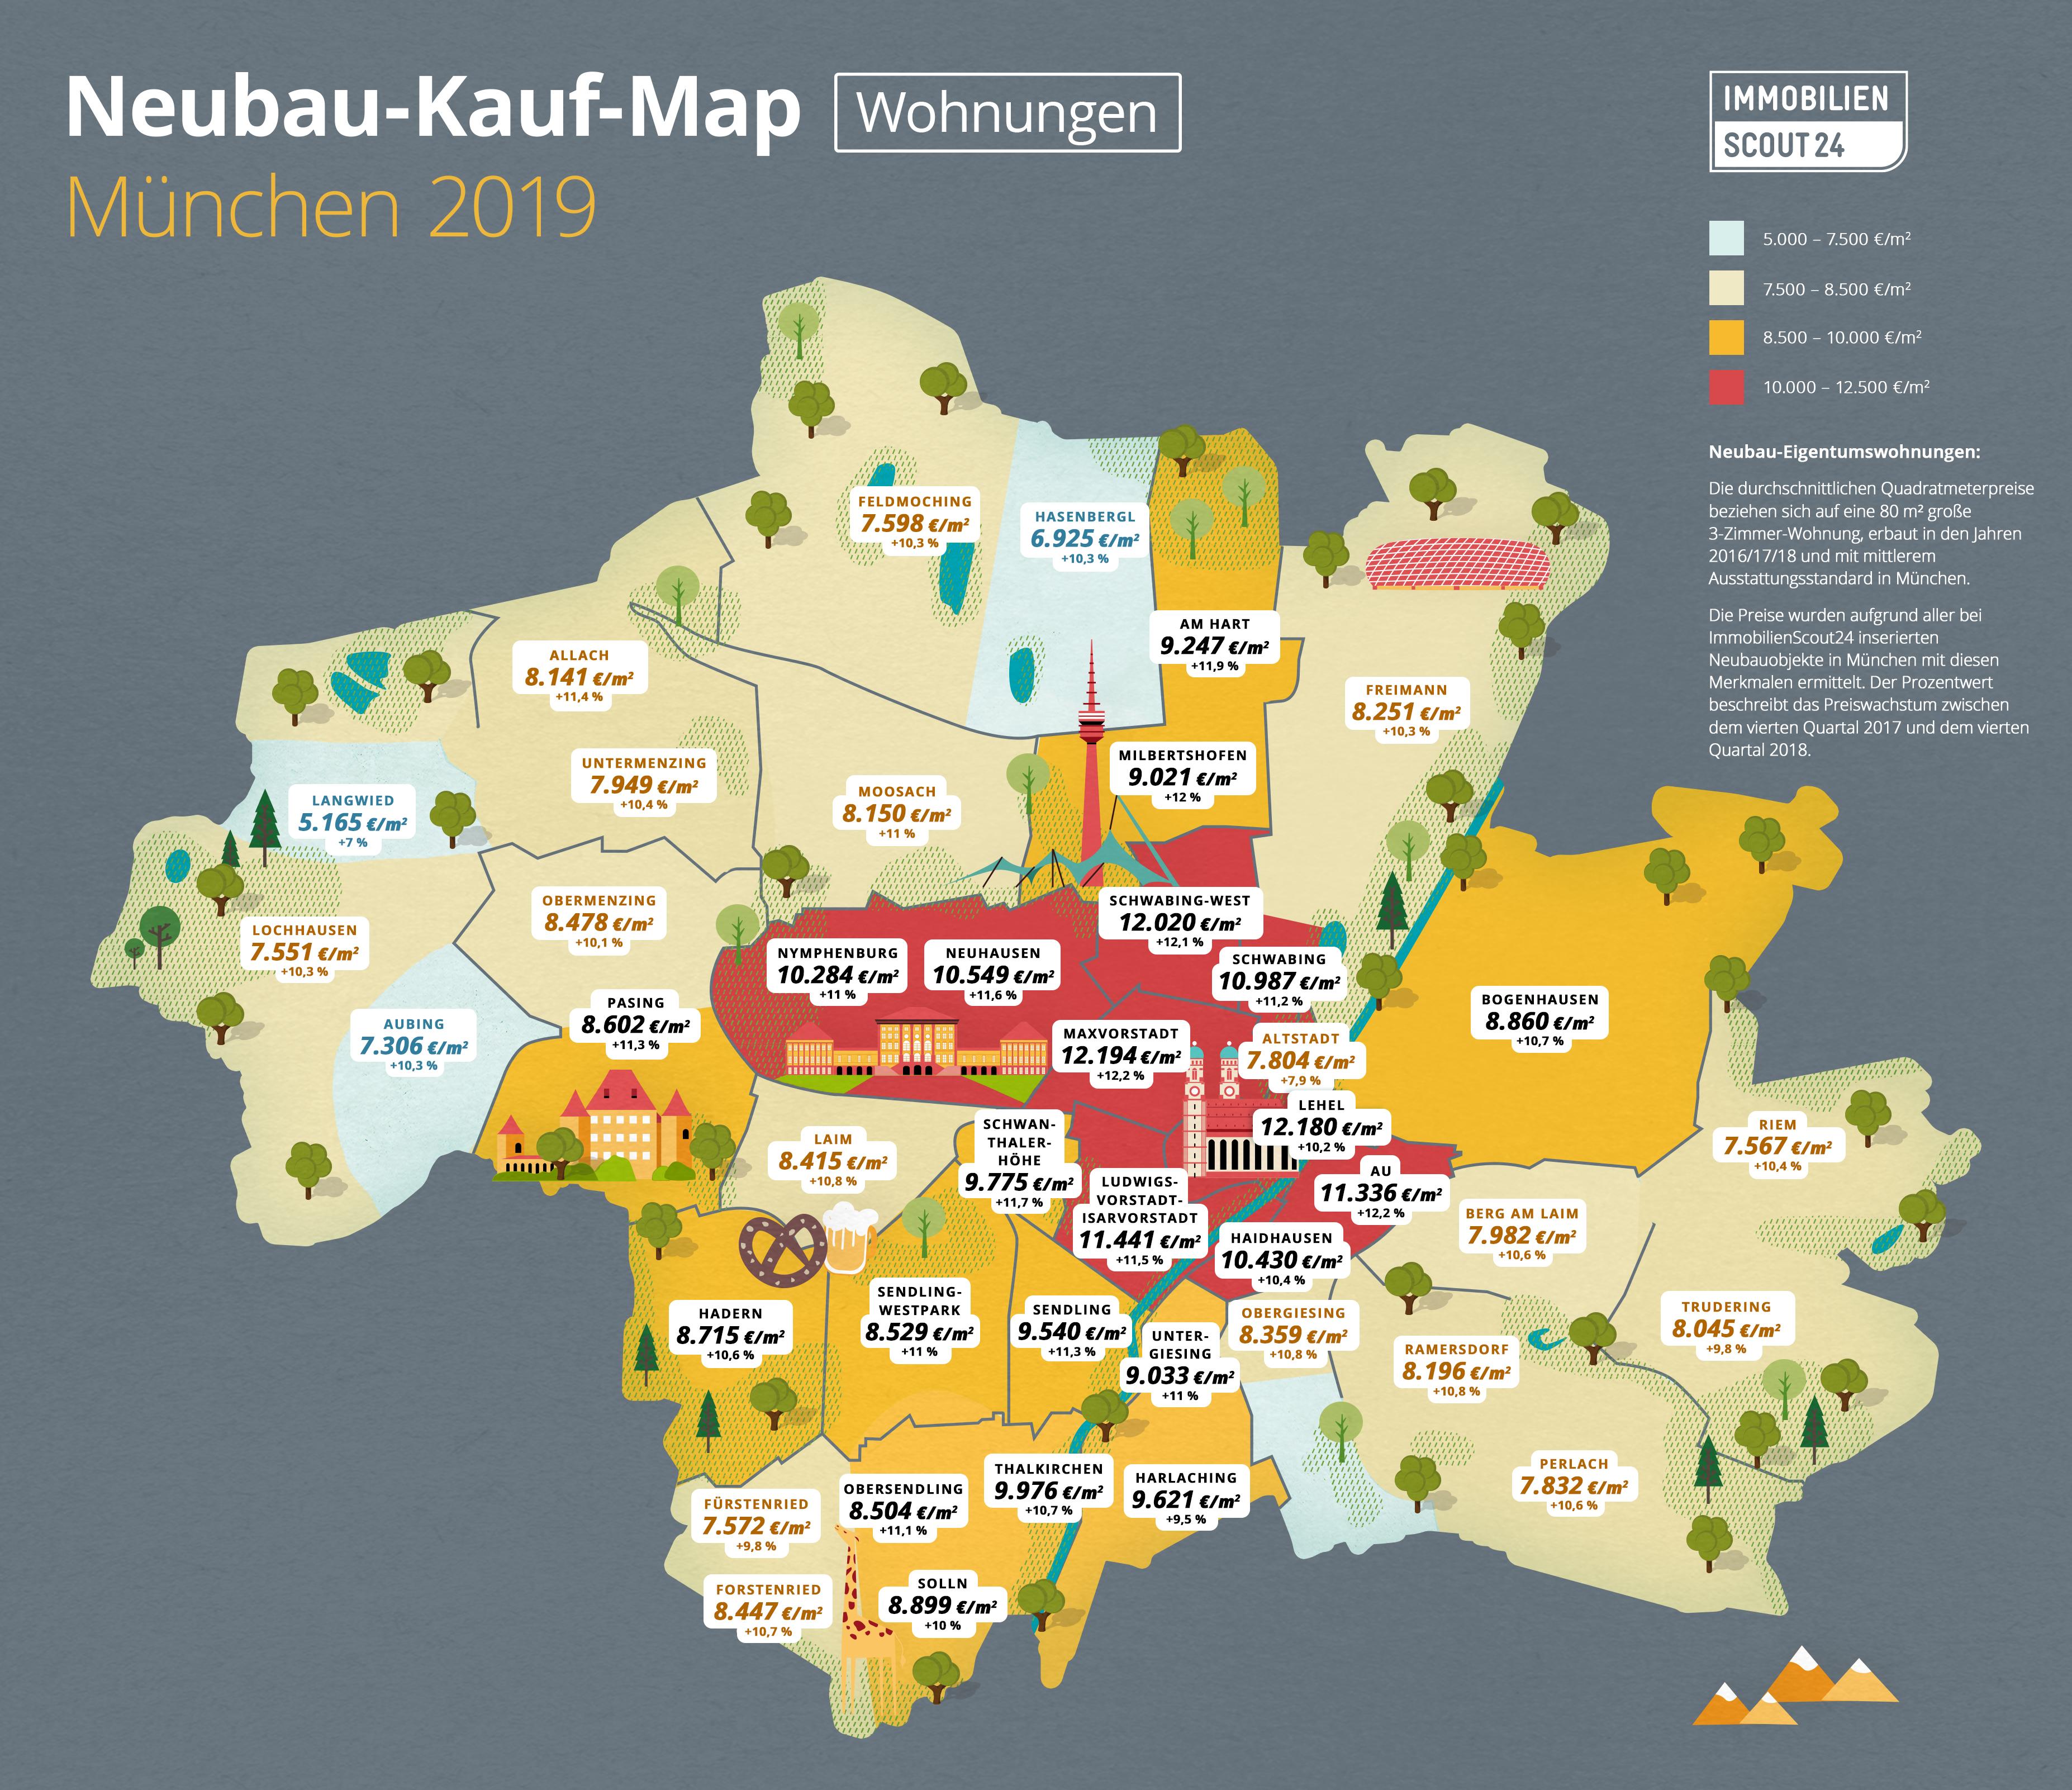 Wohnungspreise In Munchen Preisentwicklung 2020